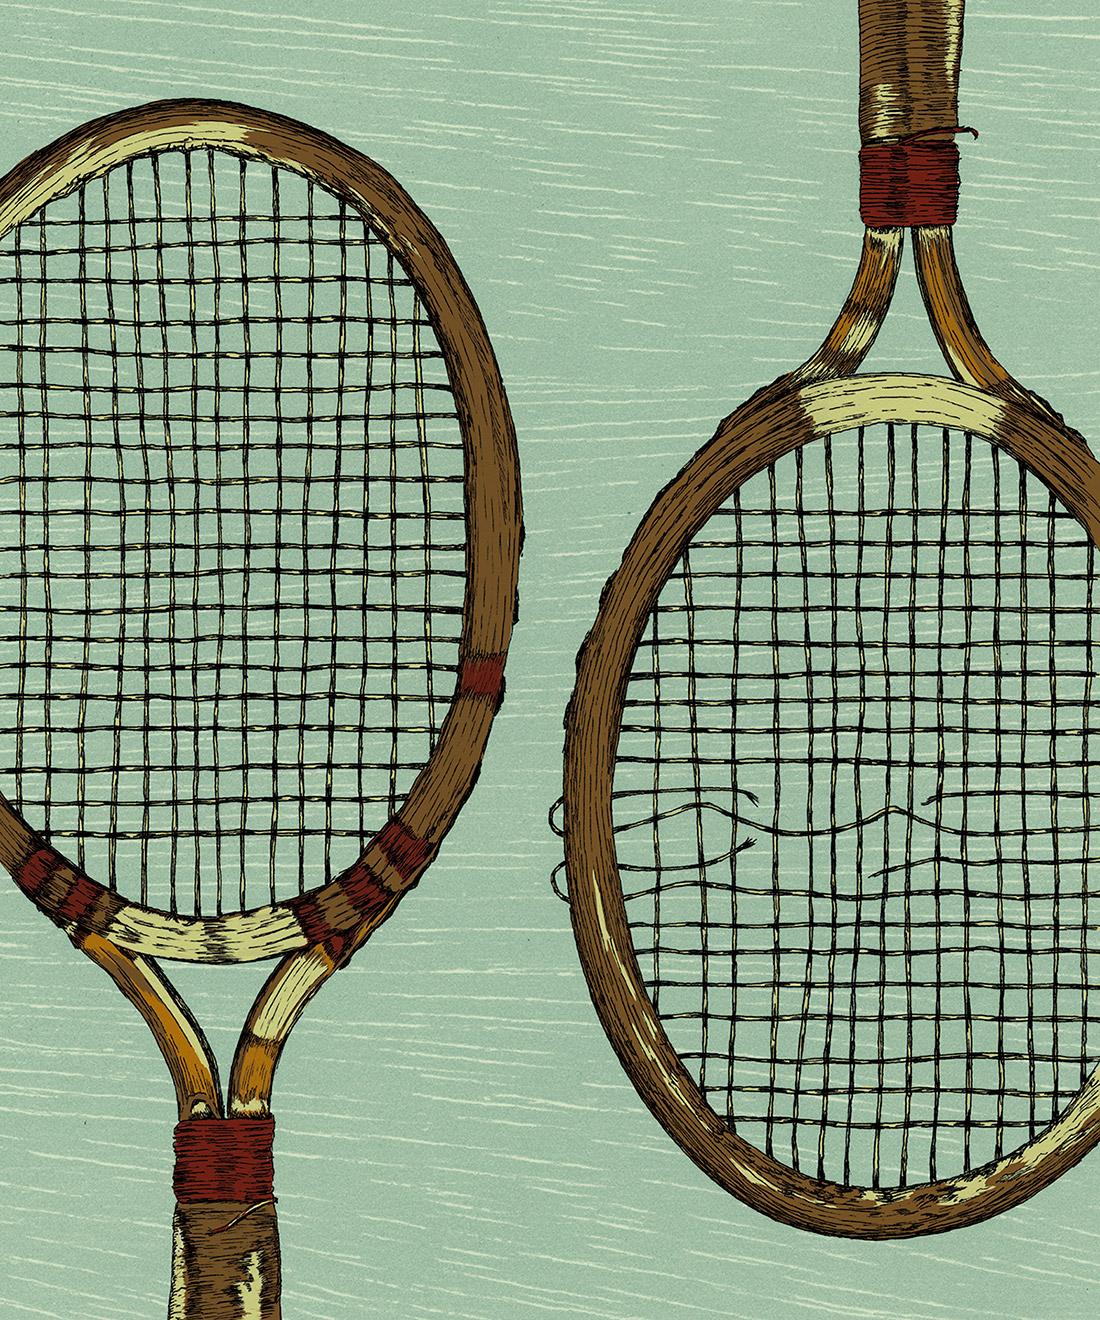 Malaria-Editorial-Illustration-by-Fiona-Dunnett.jpg